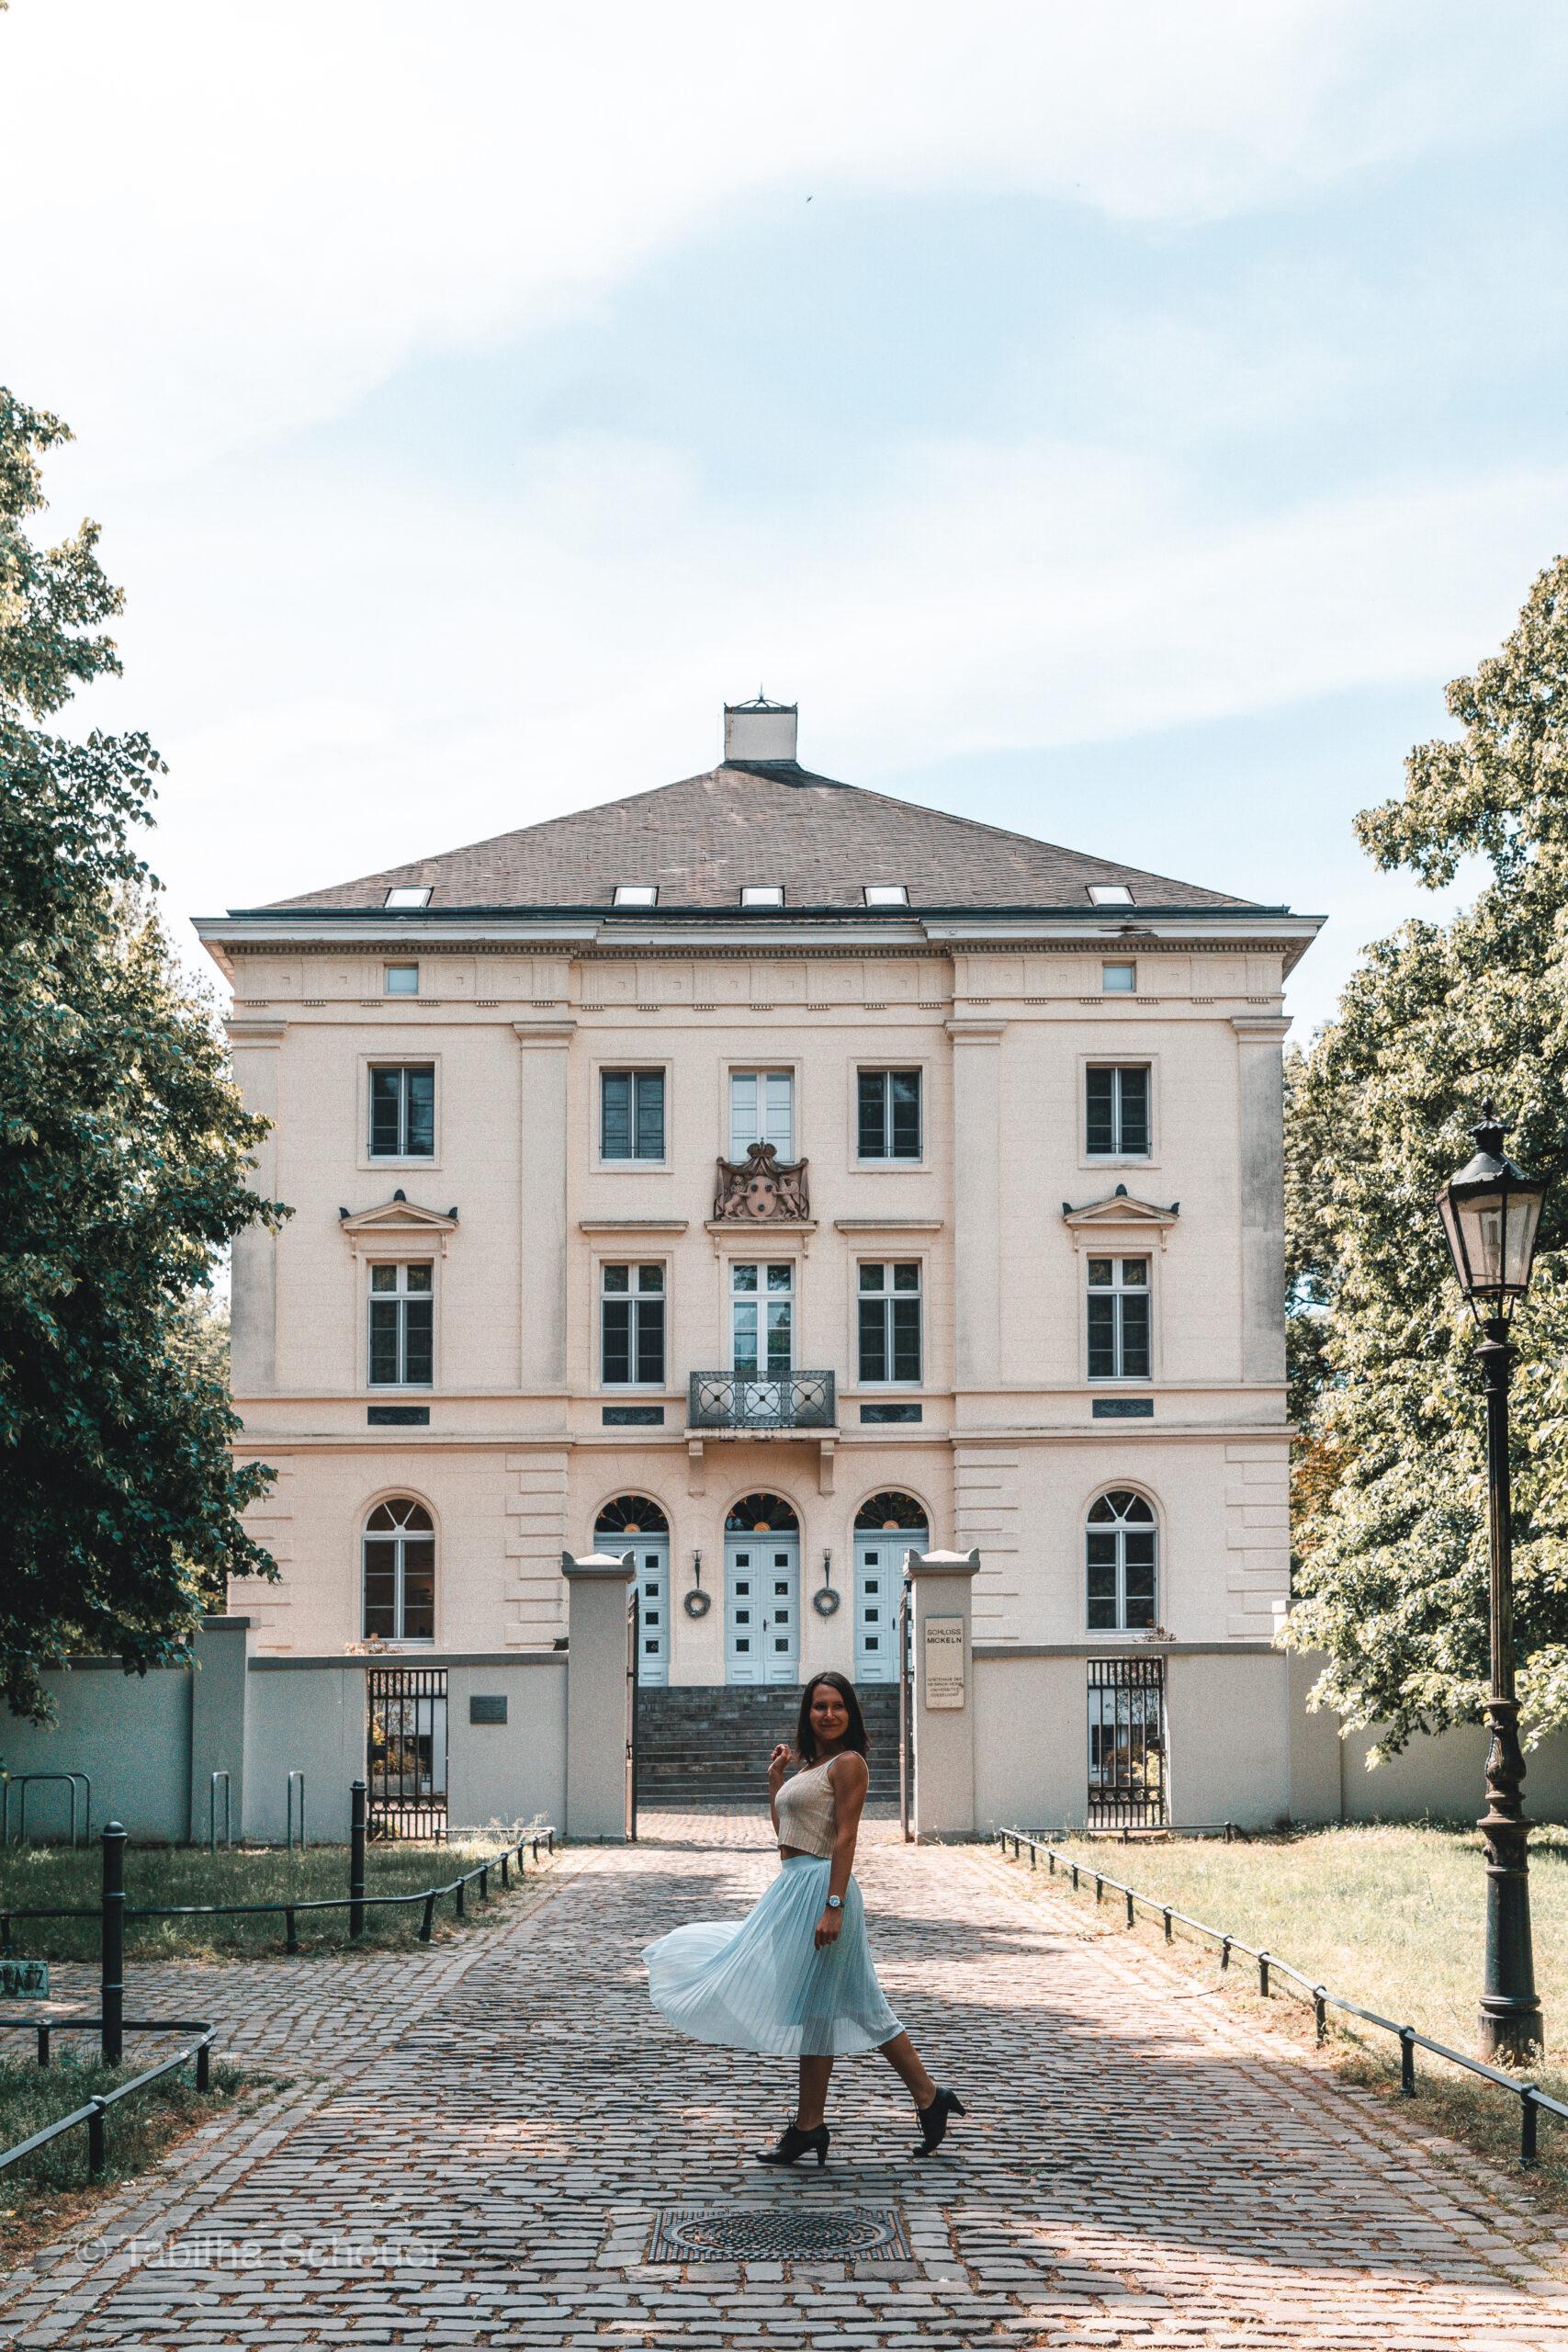 Schloss Mickeln in Düsseldorf |Photo Spots in Düsseldorf